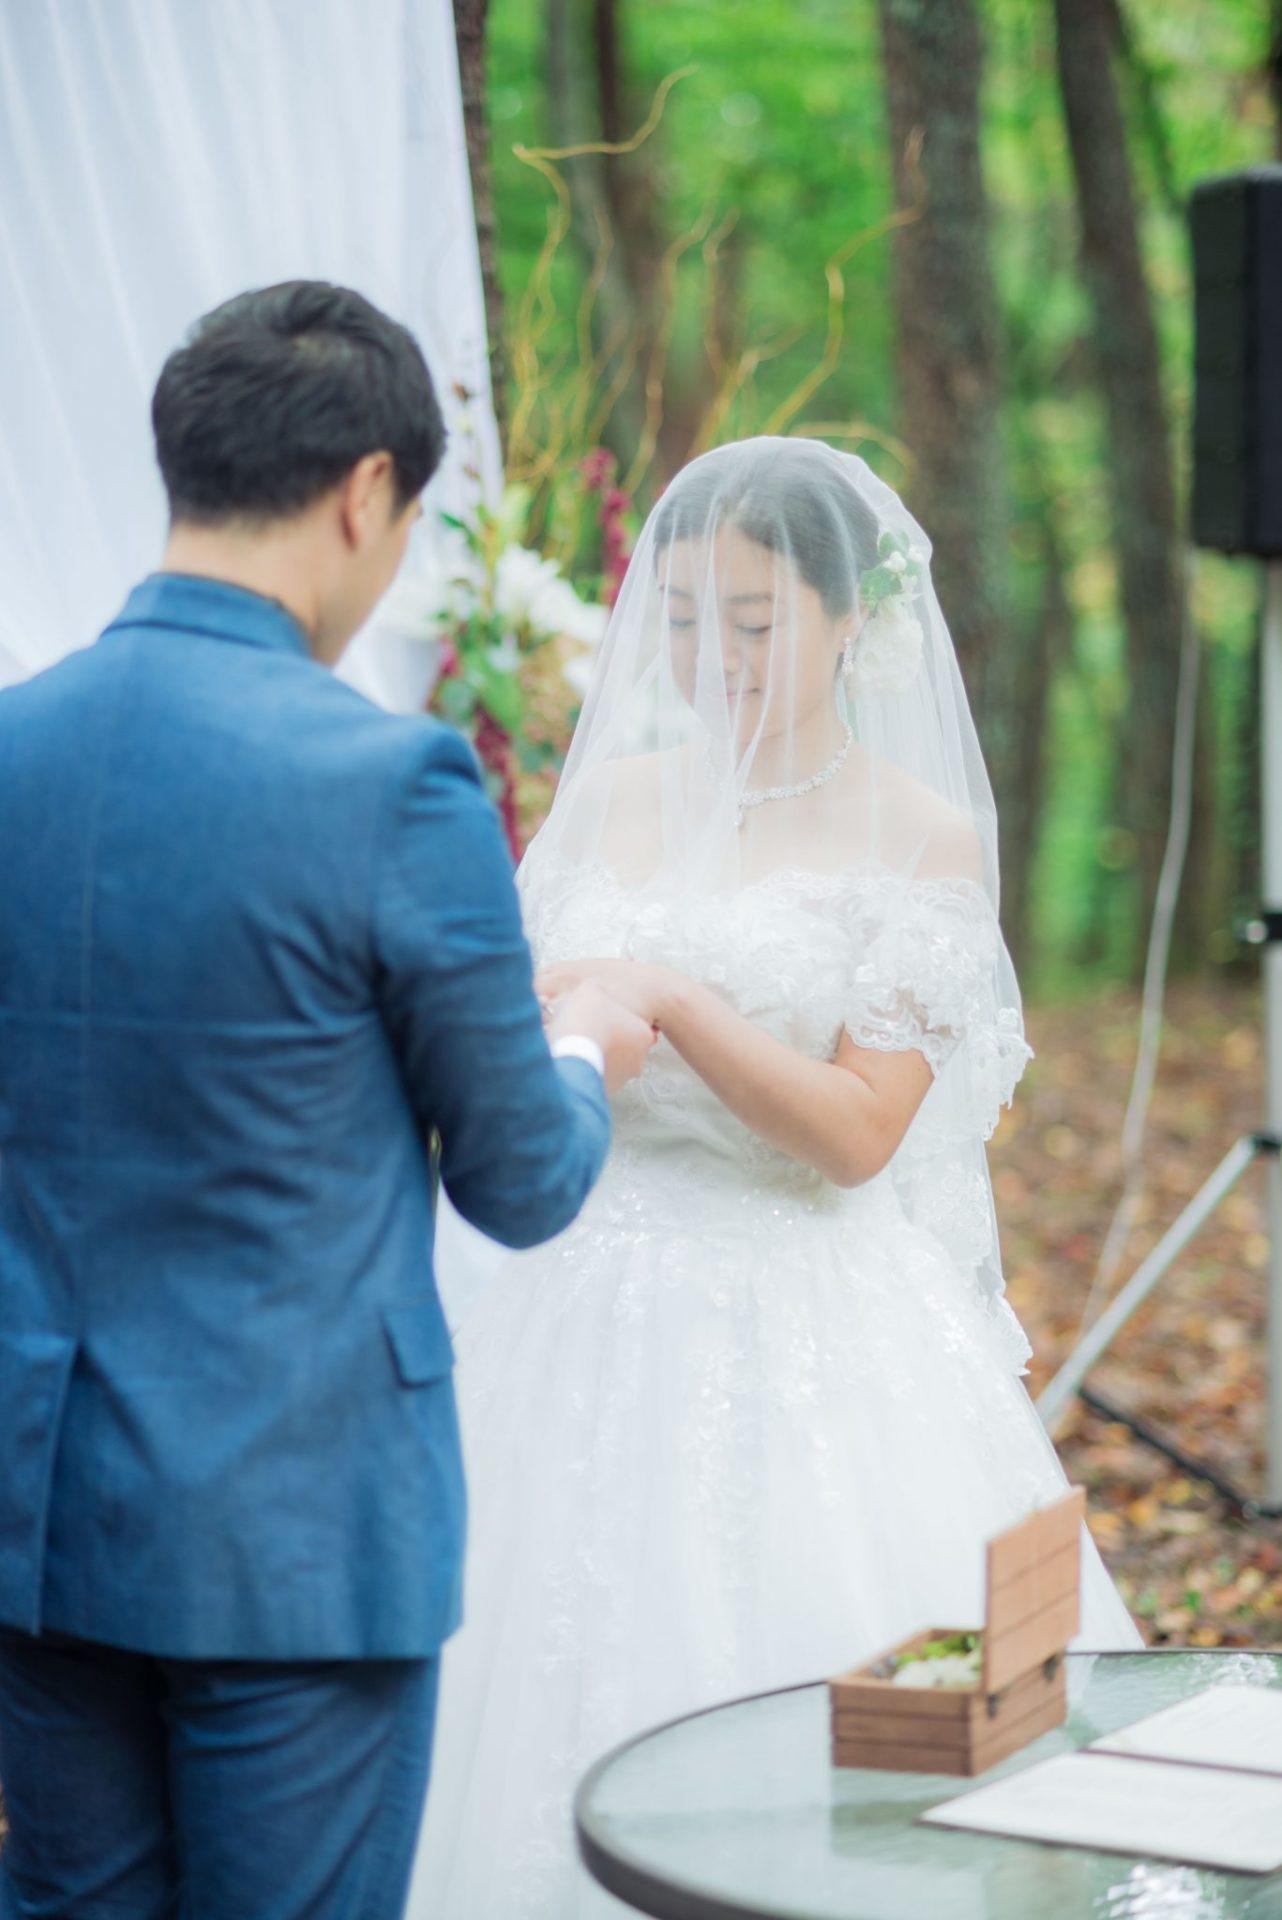 べるが(verga)での結婚式-指輪交換